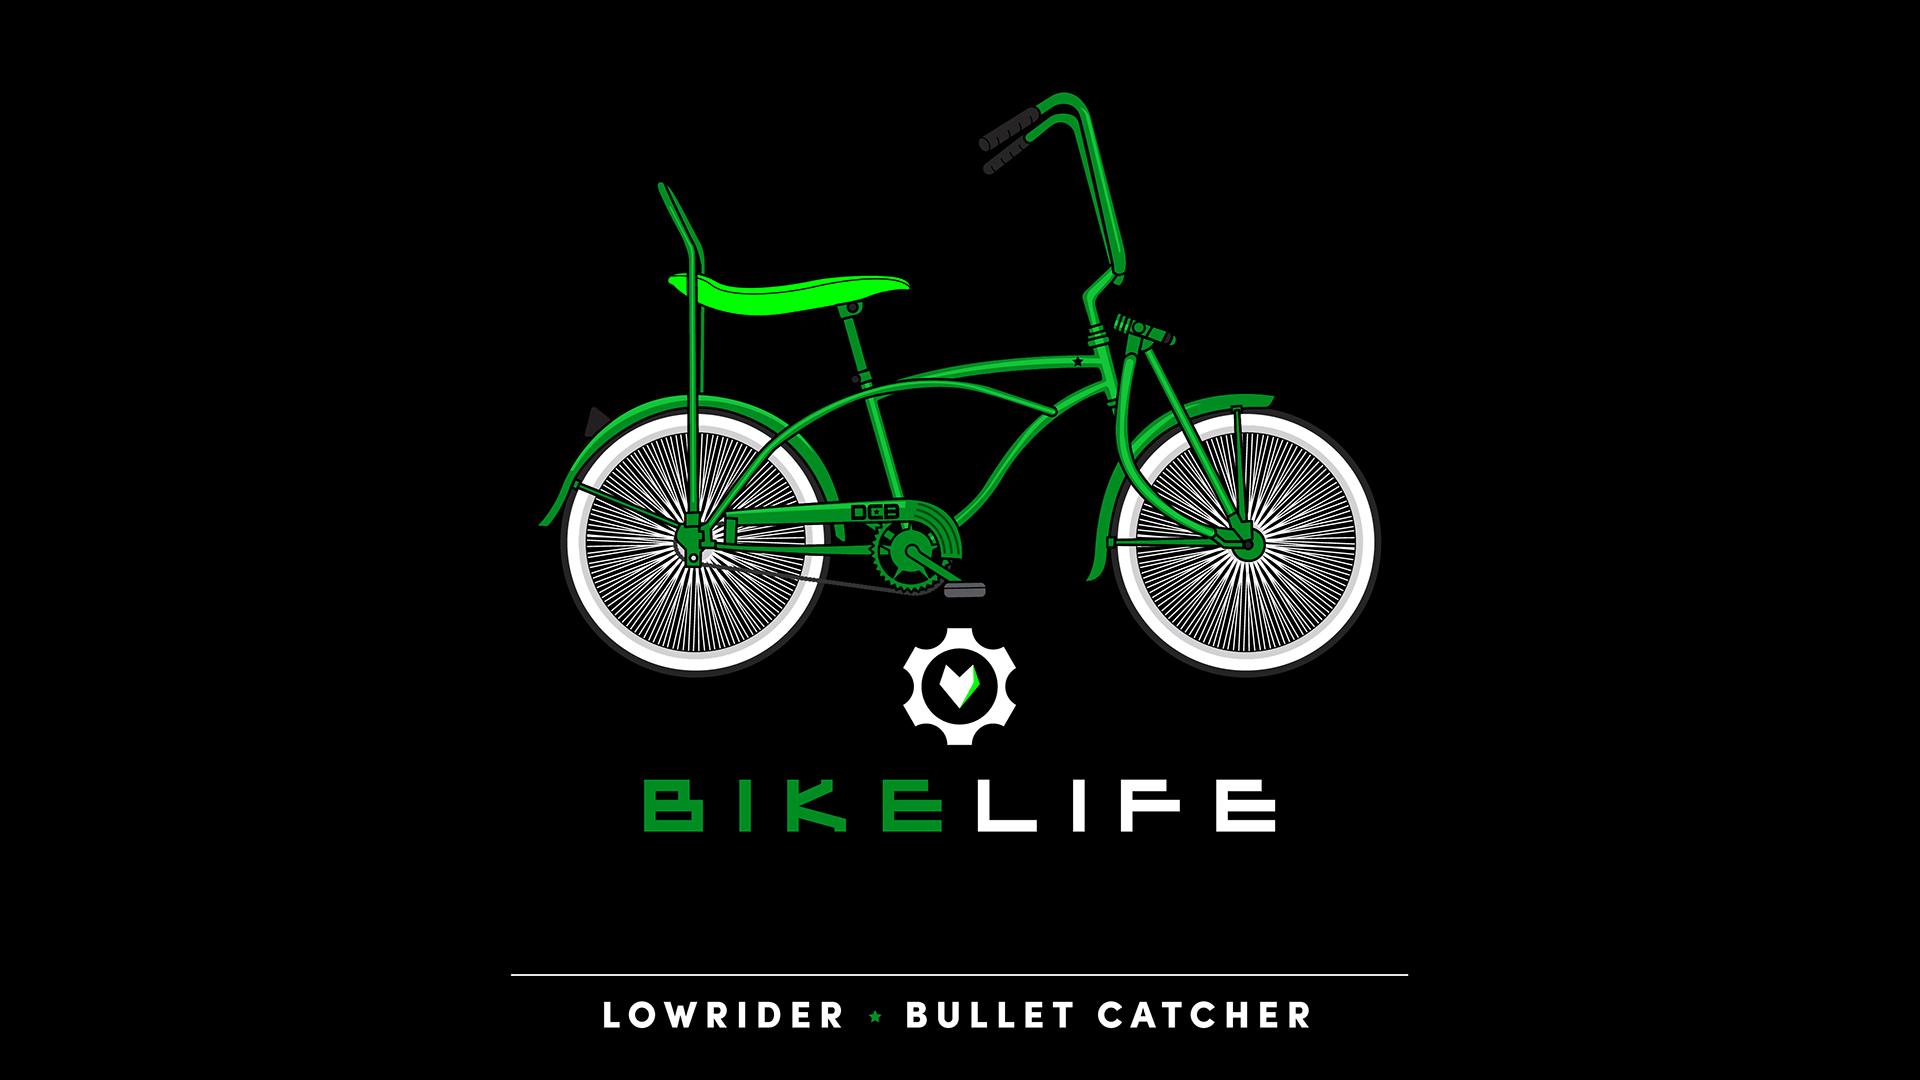 Bike Life Lowrider Bullet Catcher.jpg